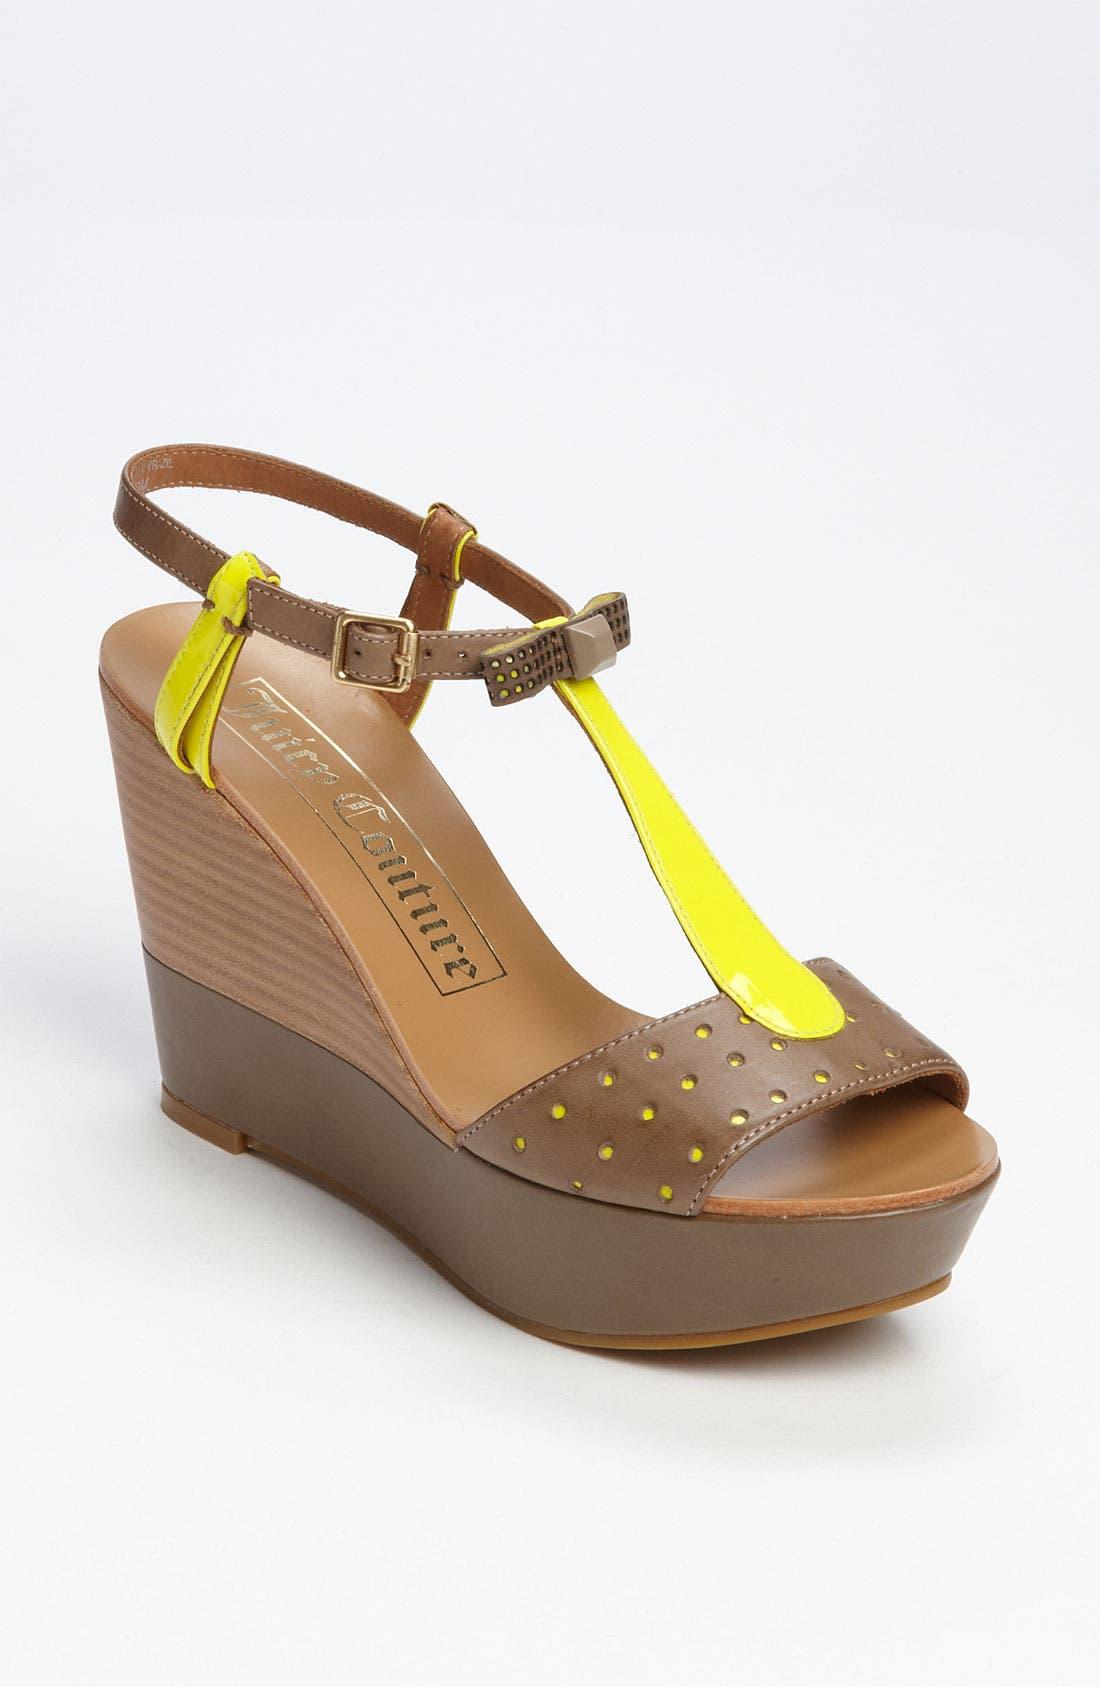 Main Image - Juicy Couture 'Kati' Sandal